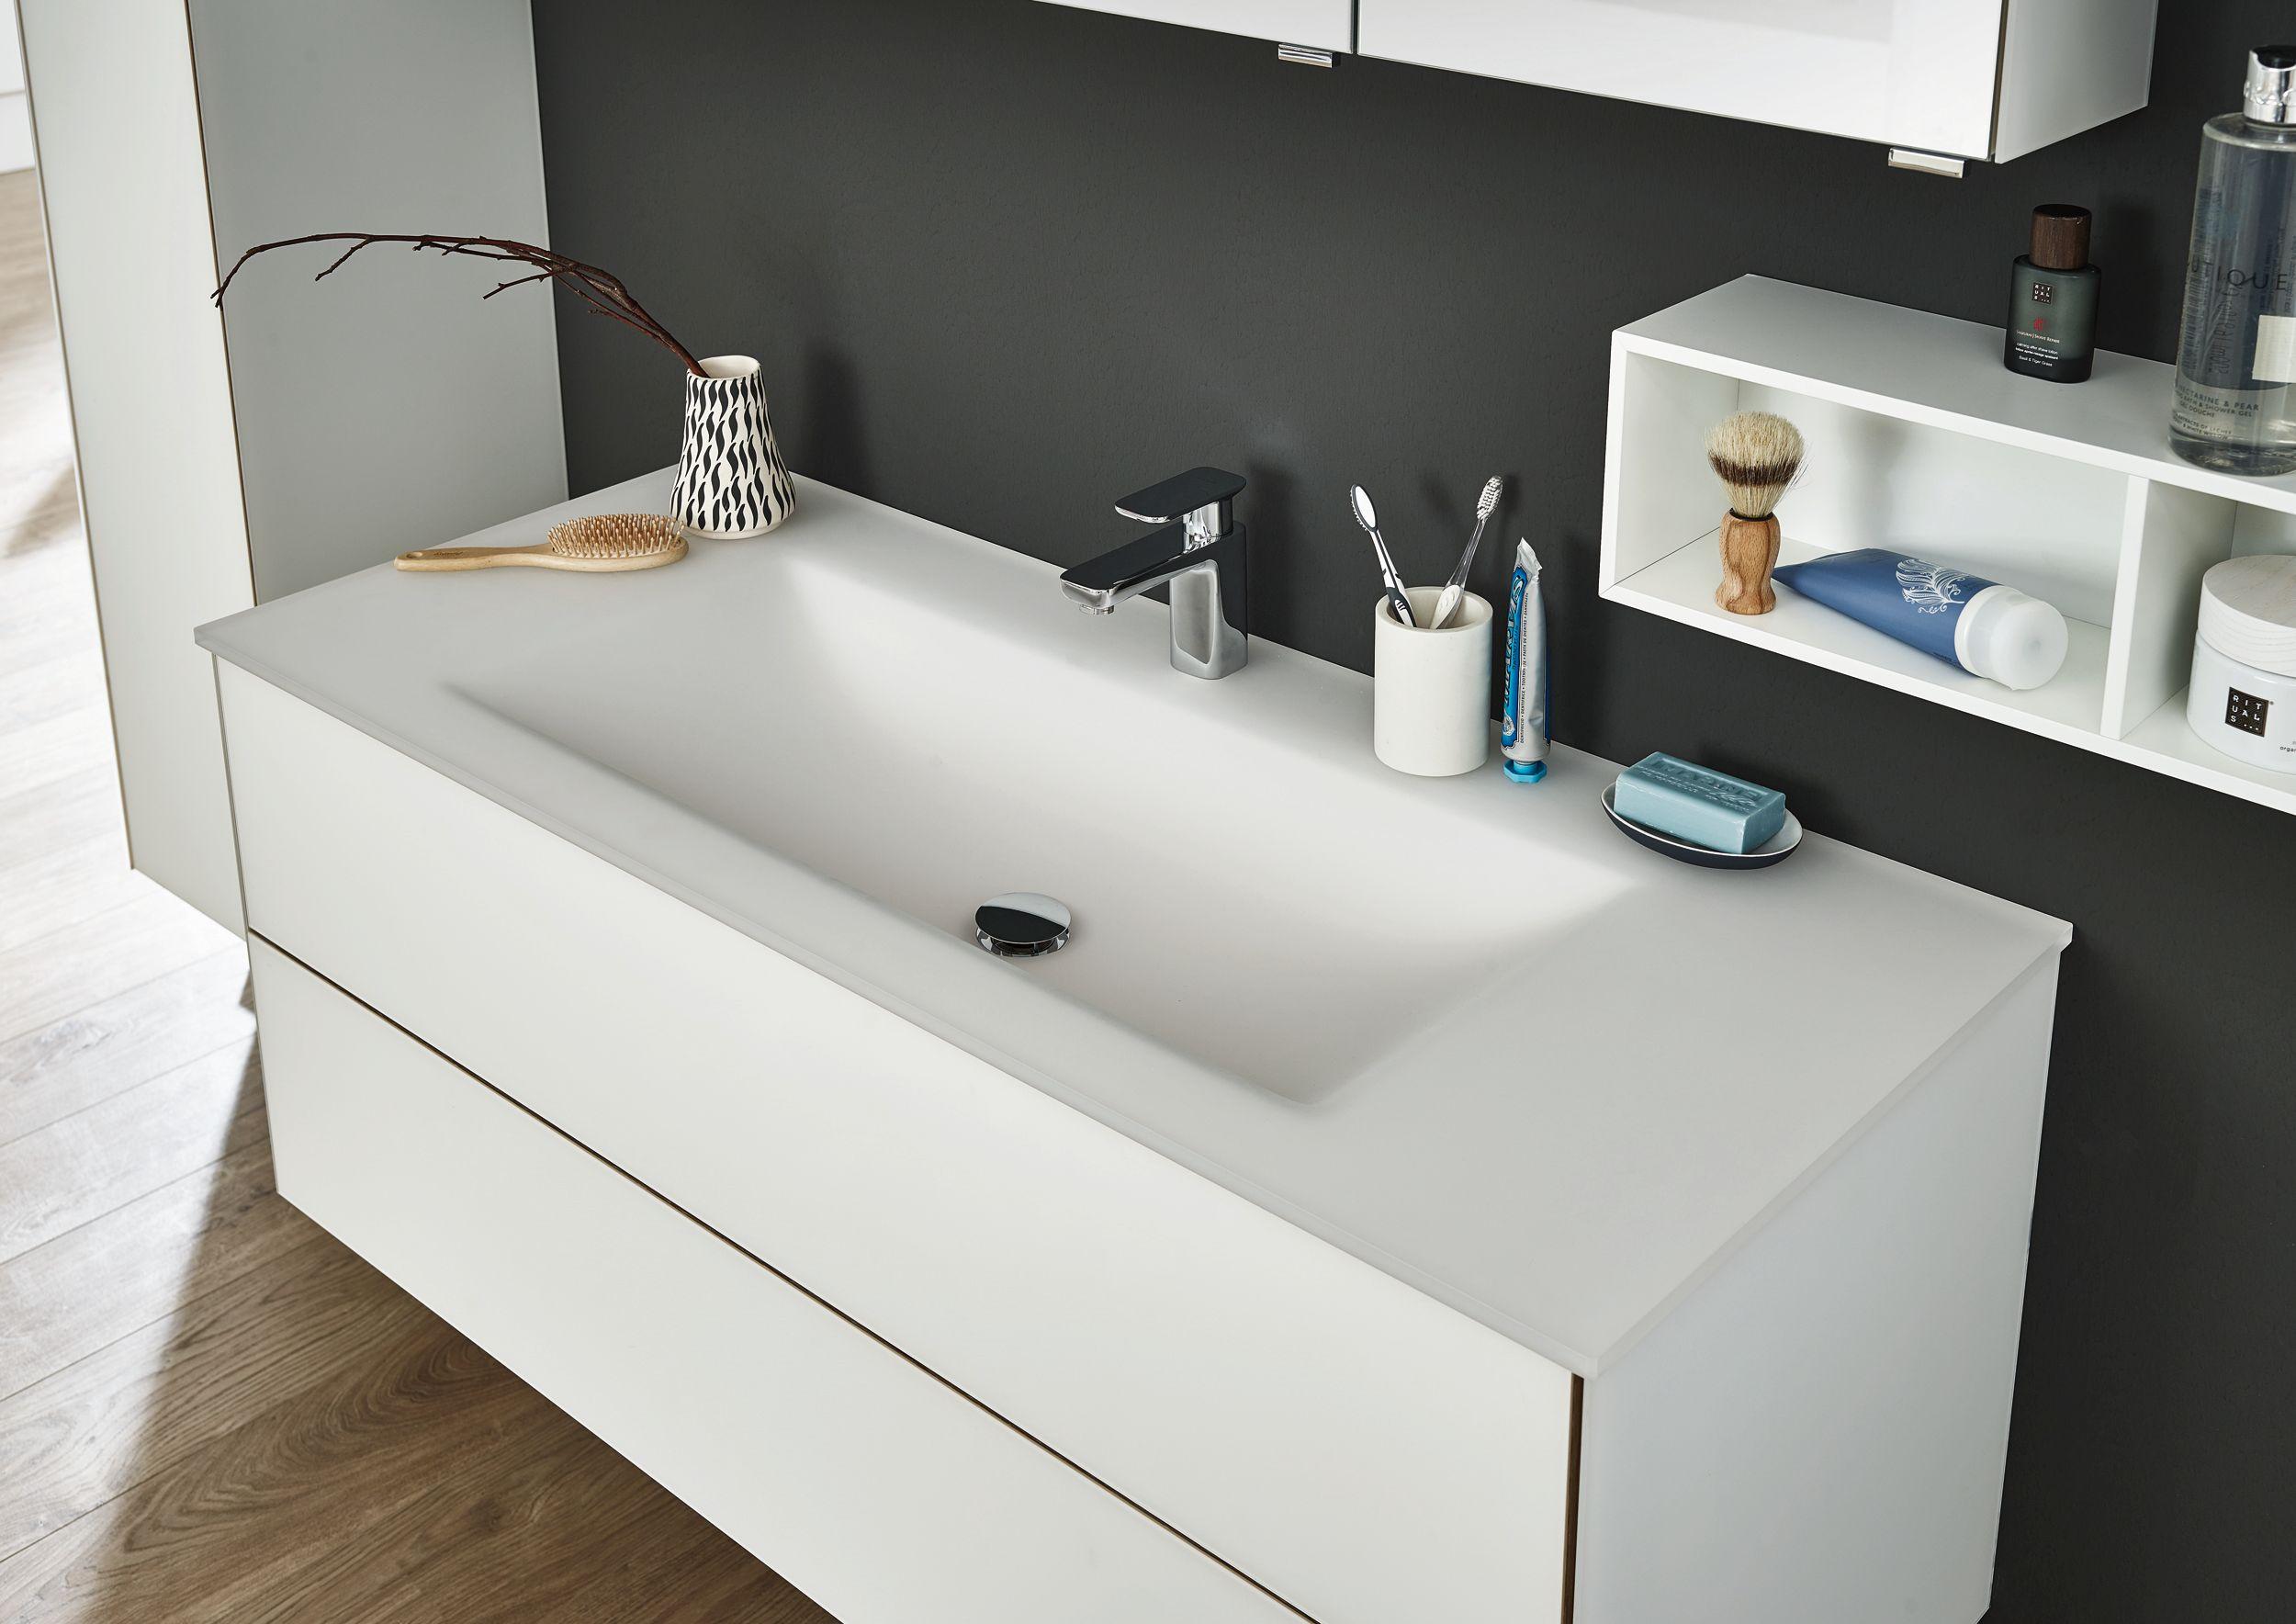 Relativ Puris Ice Line Glas Waschtisch maßvariabel | Badmöbel-1 LH77